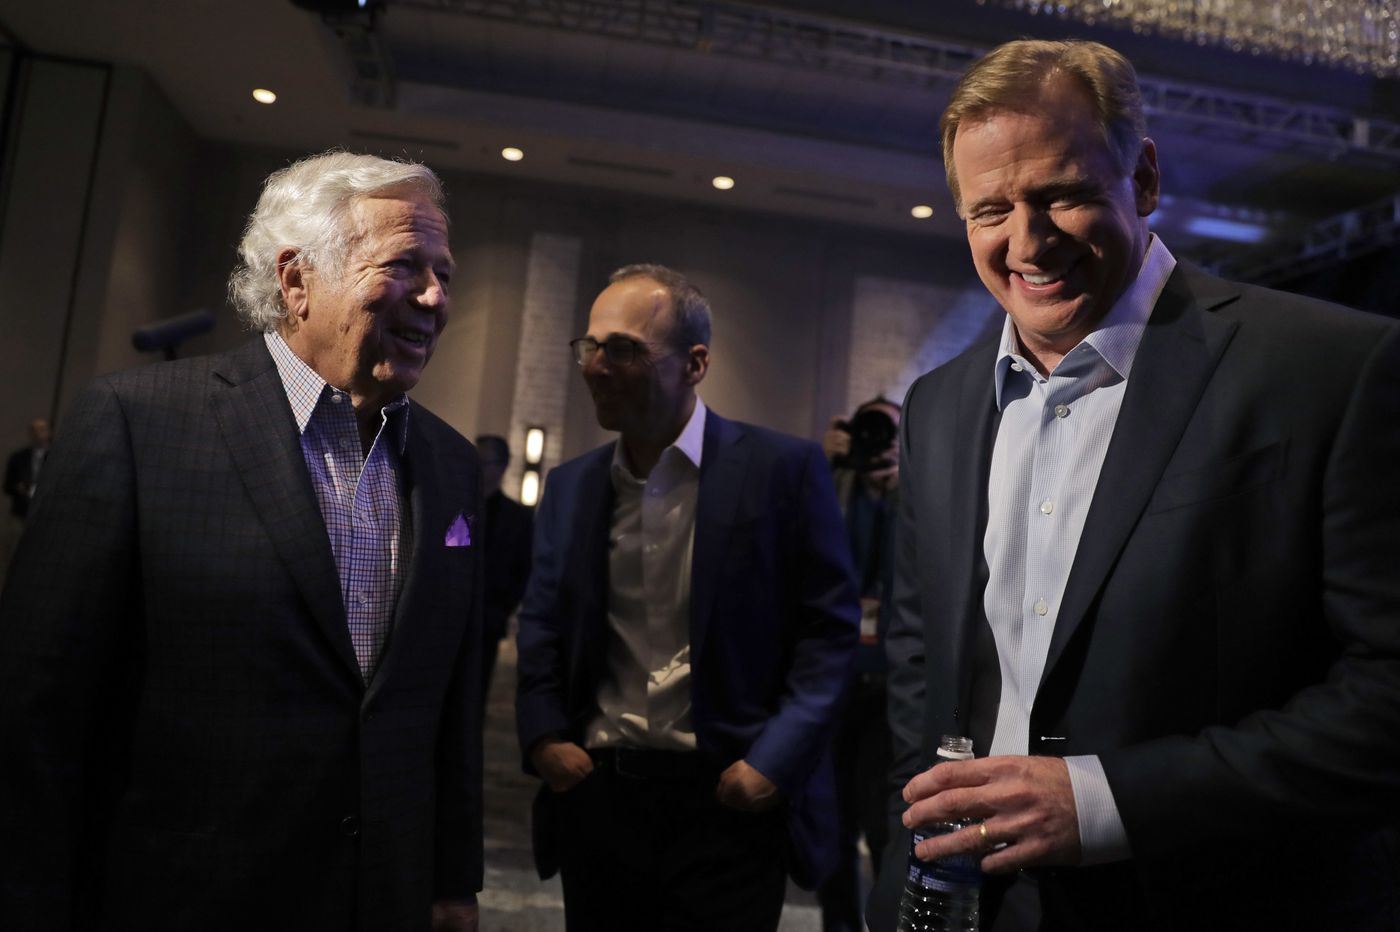 Kraft's bier: Patriots owner forever tarnished   Bob Ford